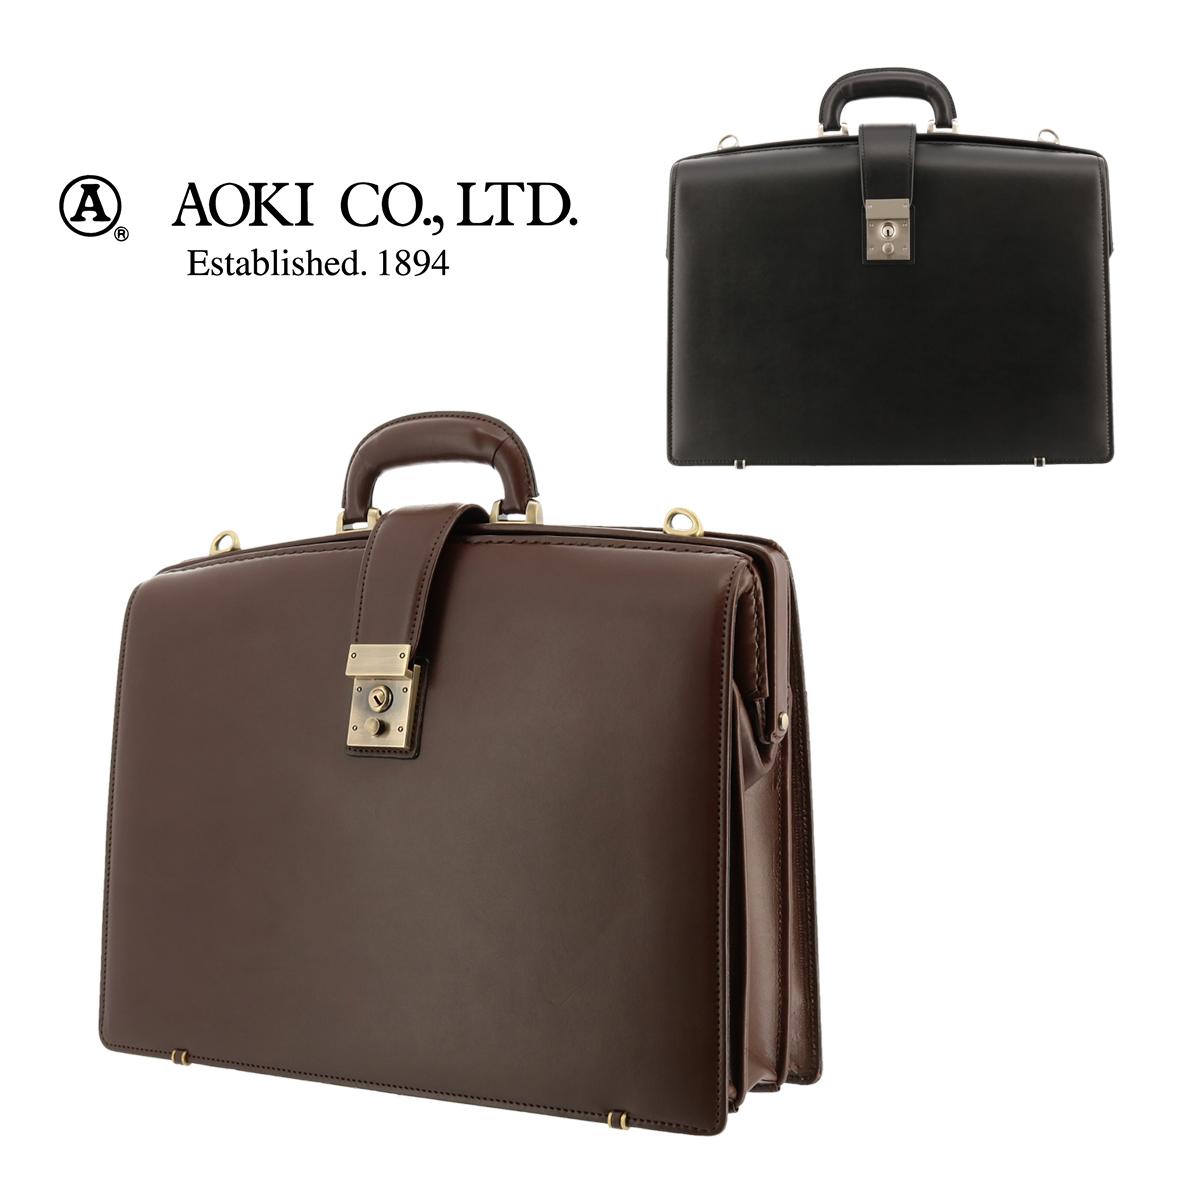 青木鞄 メンズ レザー A4 ブリーフケース 2WAY ビジネスバッグ ダレスバッグ ラゲージアオキ1894 Luggage AOKI 1894 2558 ジーニアス[PO10][bef]